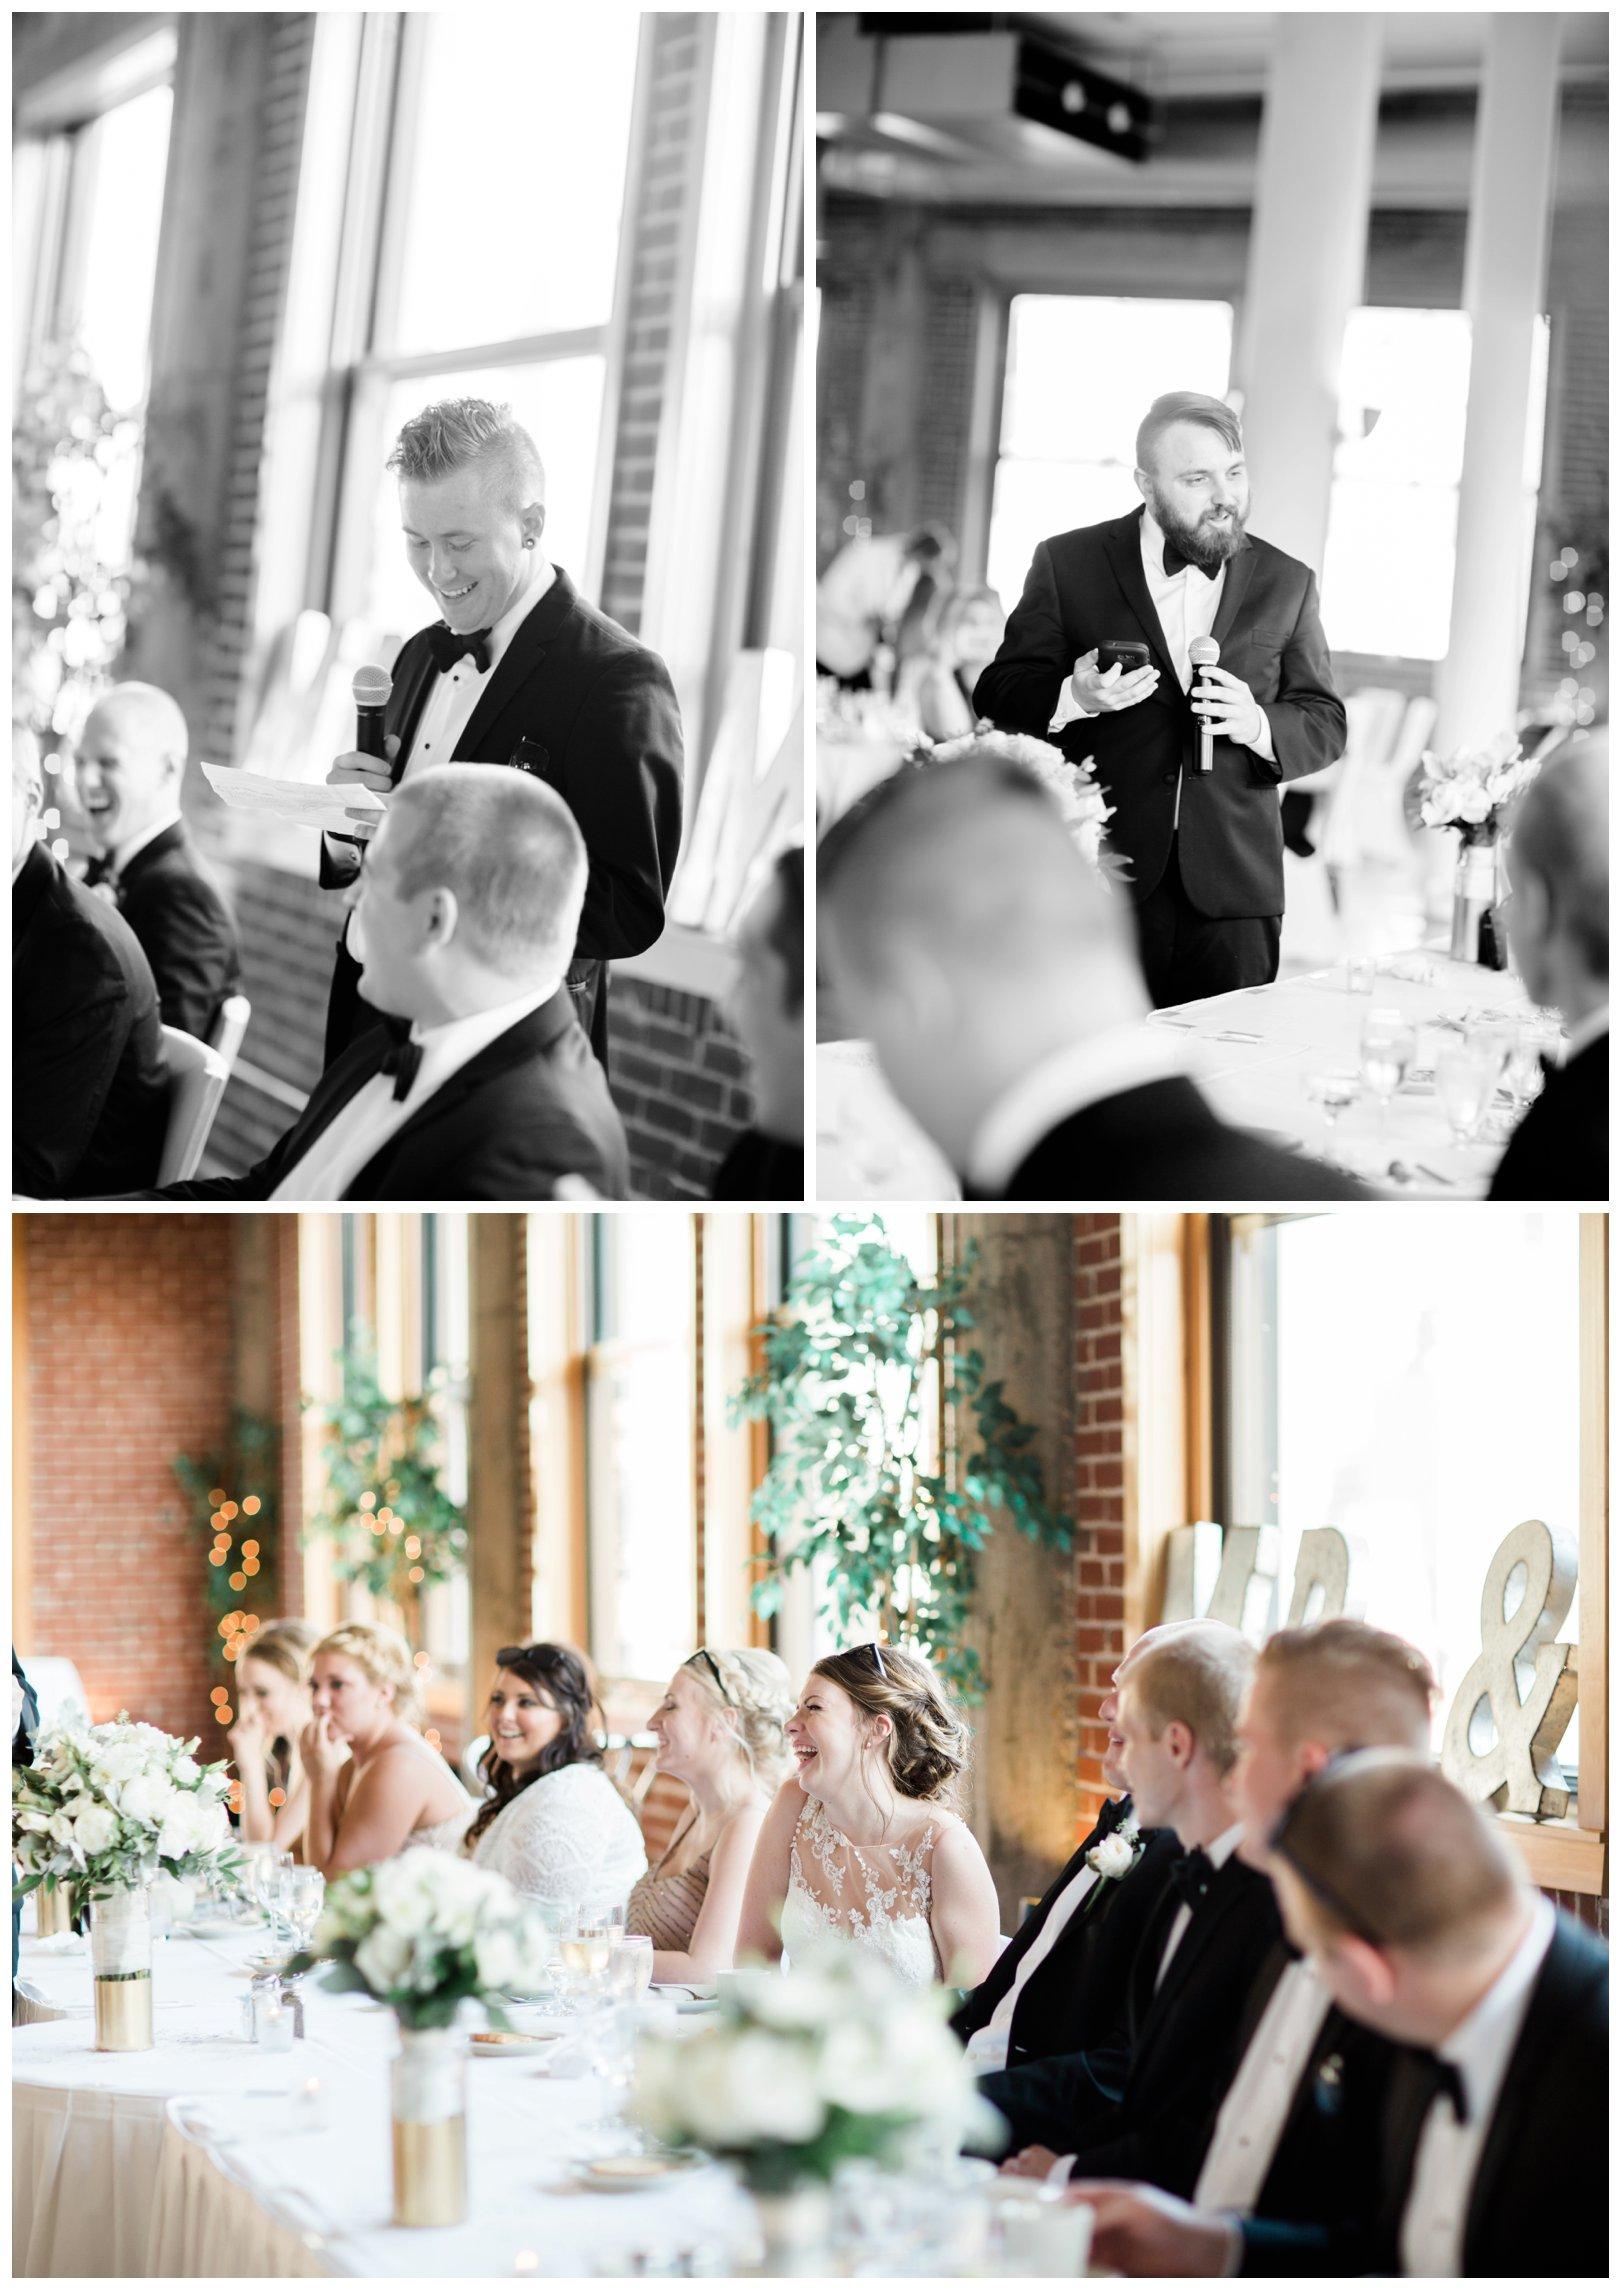 lauren muckler photography_fine art film wedding photography_st louis_photography_1330.jpg